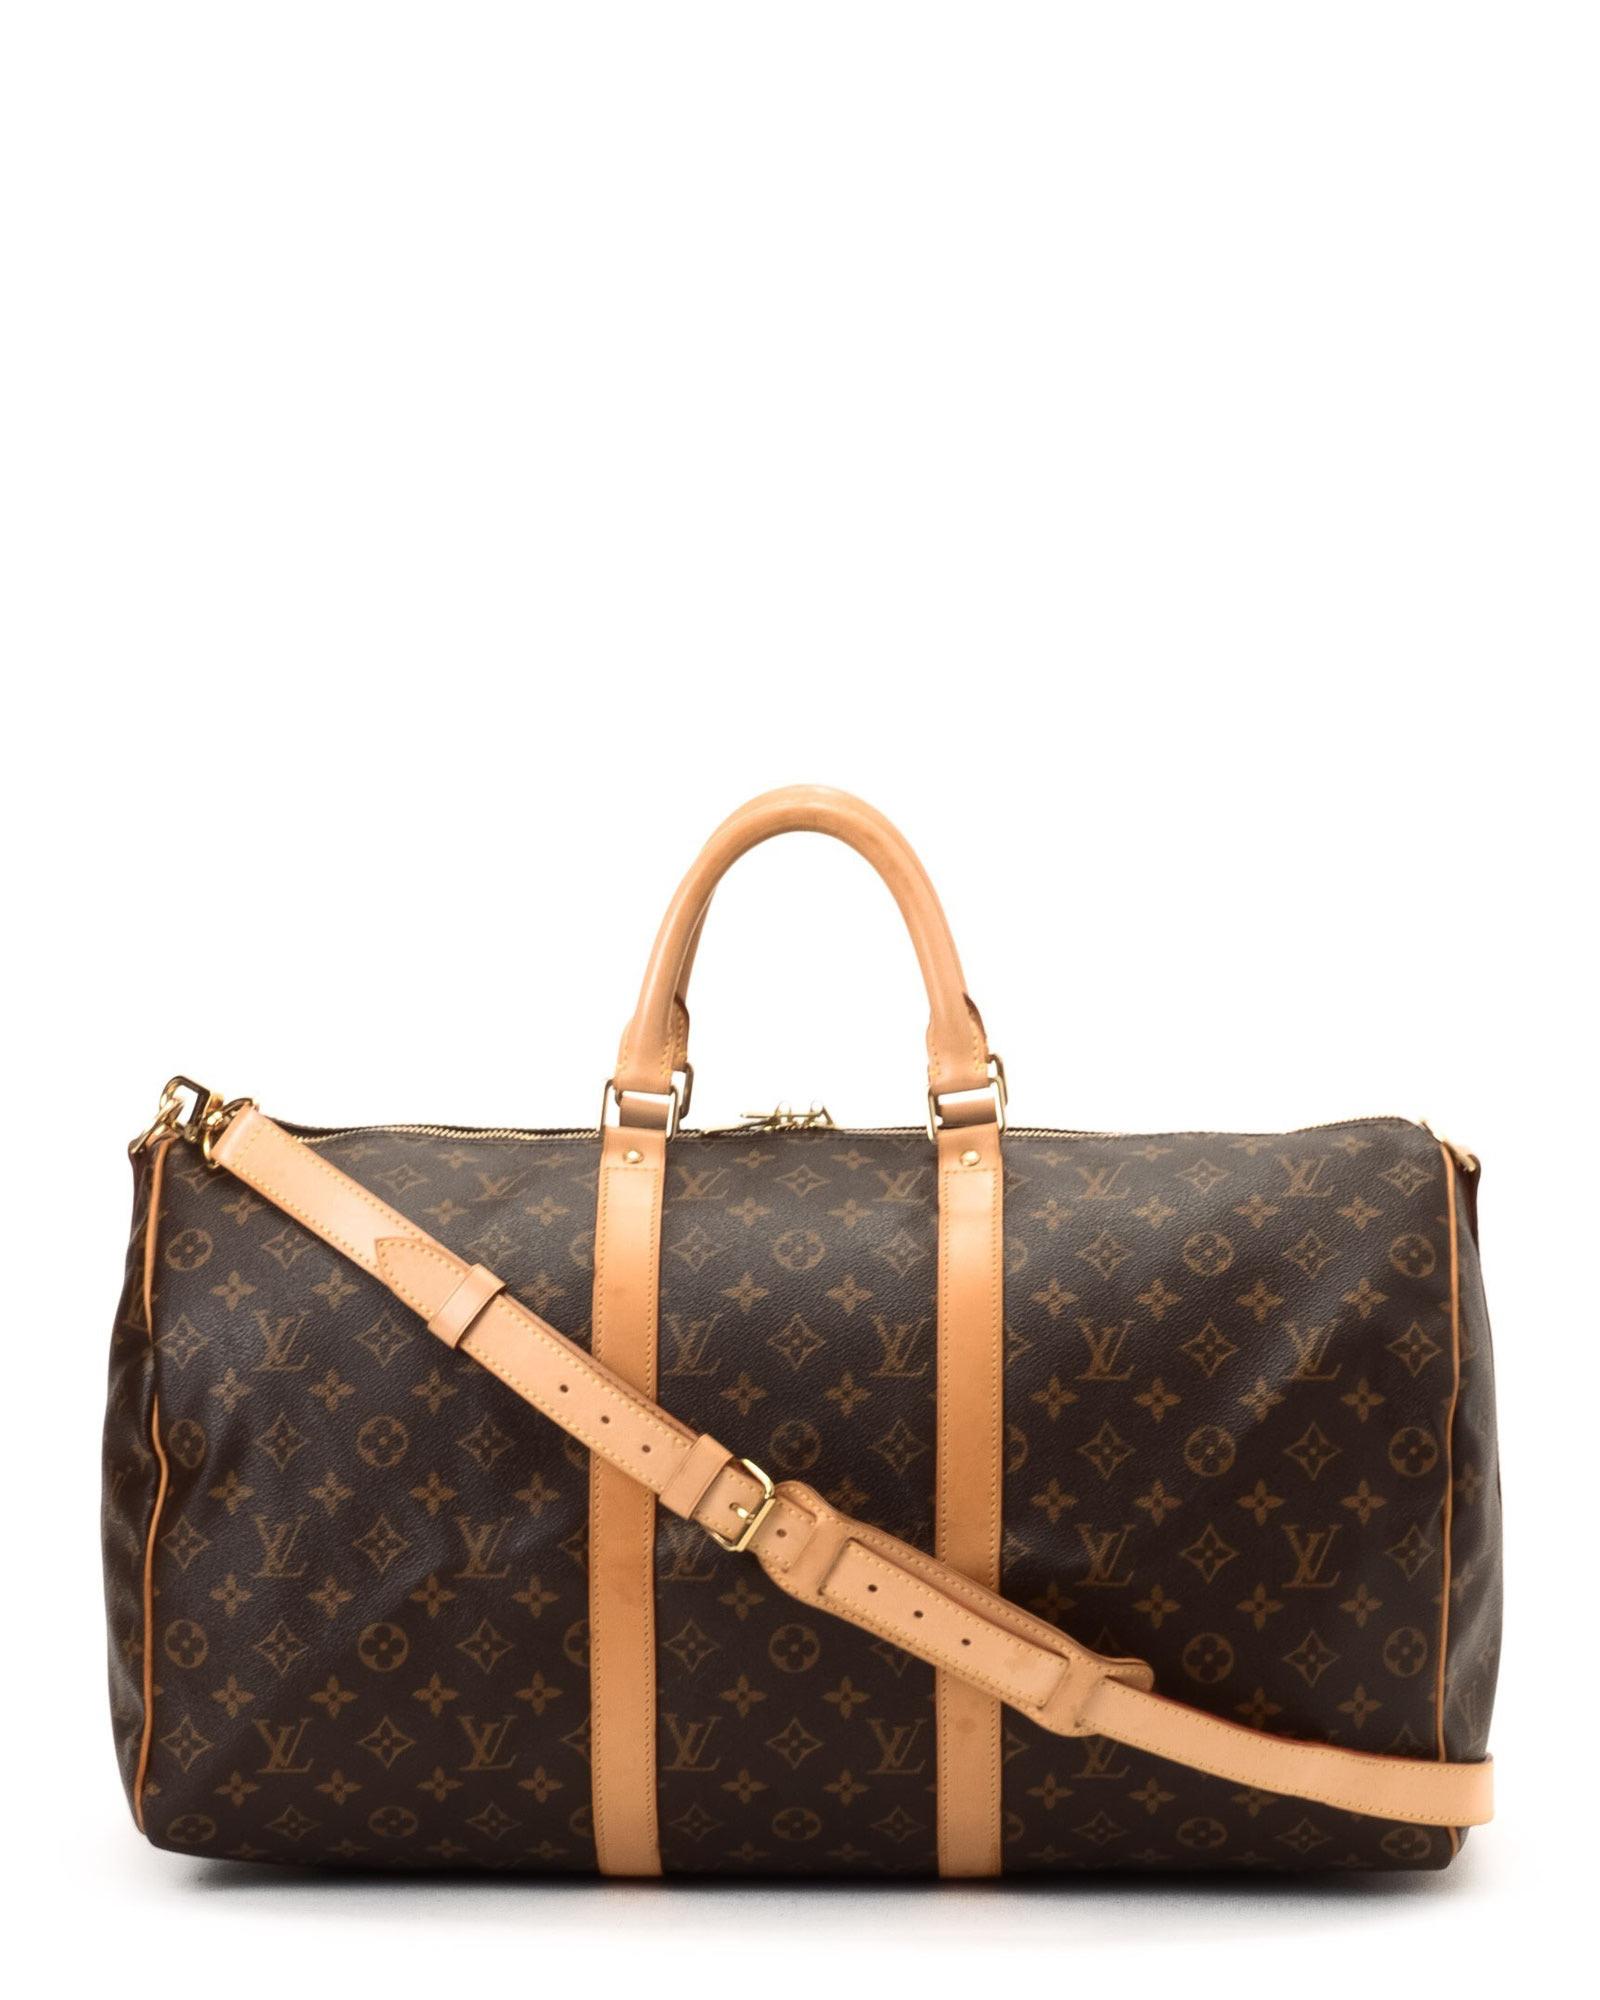 e256a73ba2a Louis Vuitton Mens Travel Bag Replica